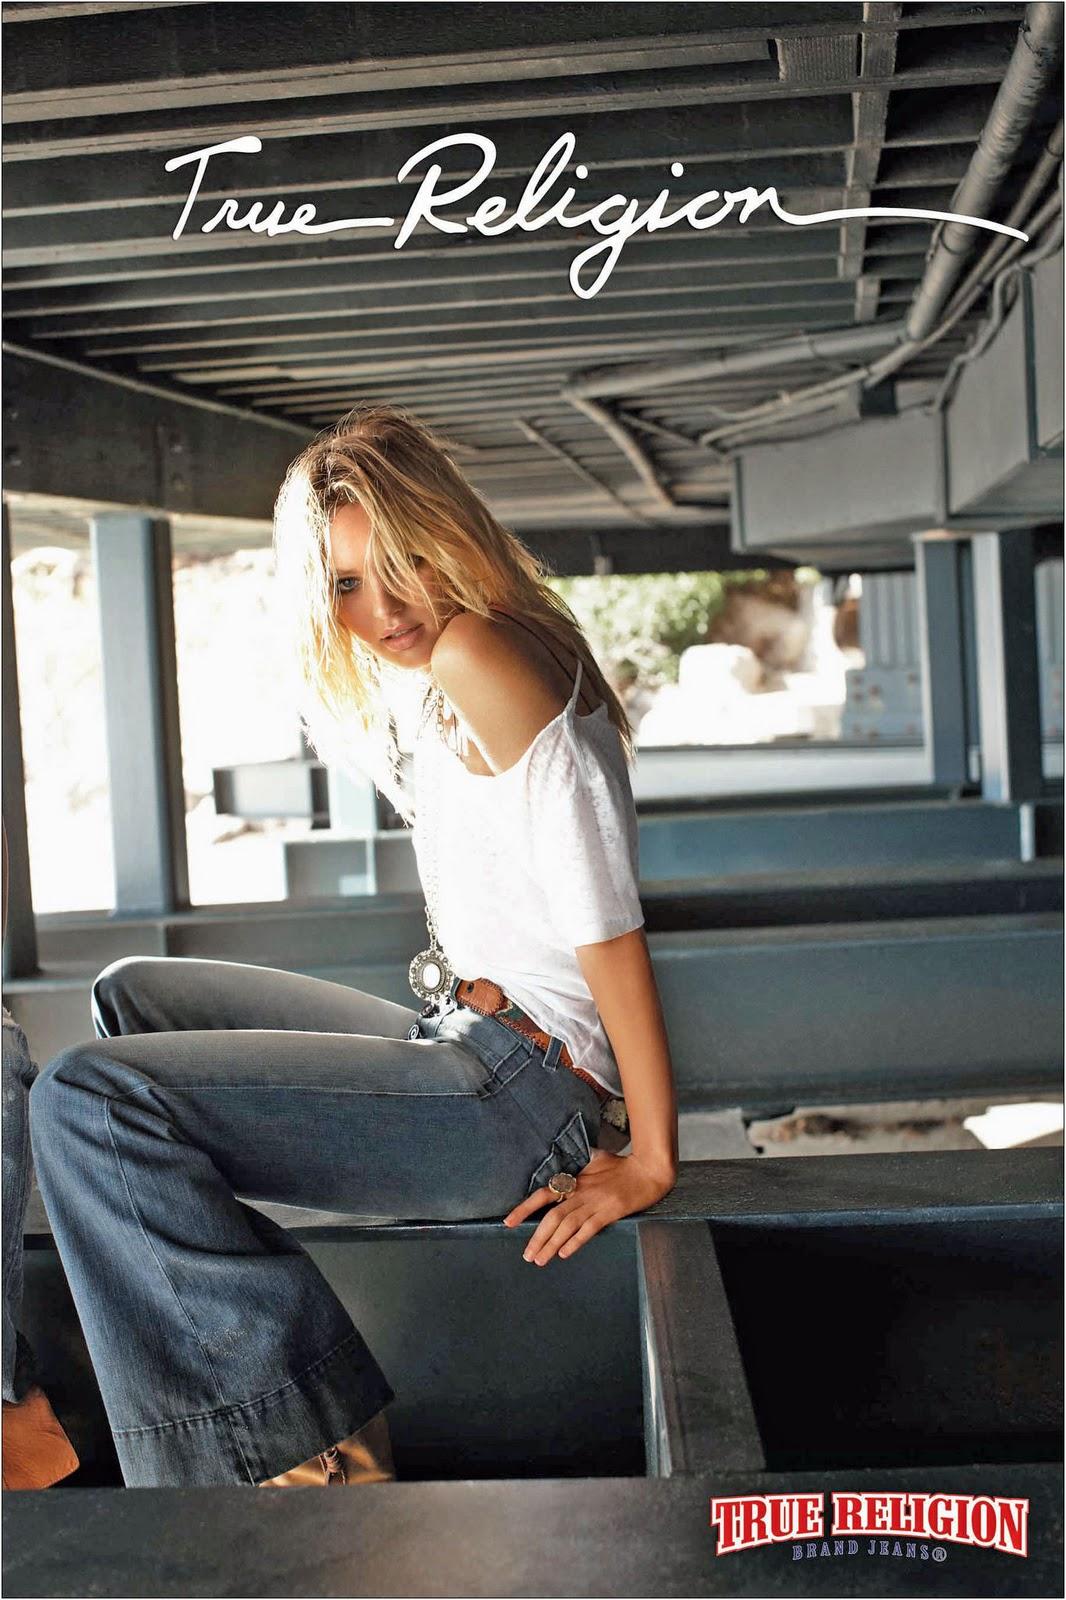 http://2.bp.blogspot.com/-puyog-aHEWo/TVQPh5oldyI/AAAAAAAAEz8/q2PkBJhPSrg/s1600/CandiceSwanepoelTrueReligionSS20112.jpg